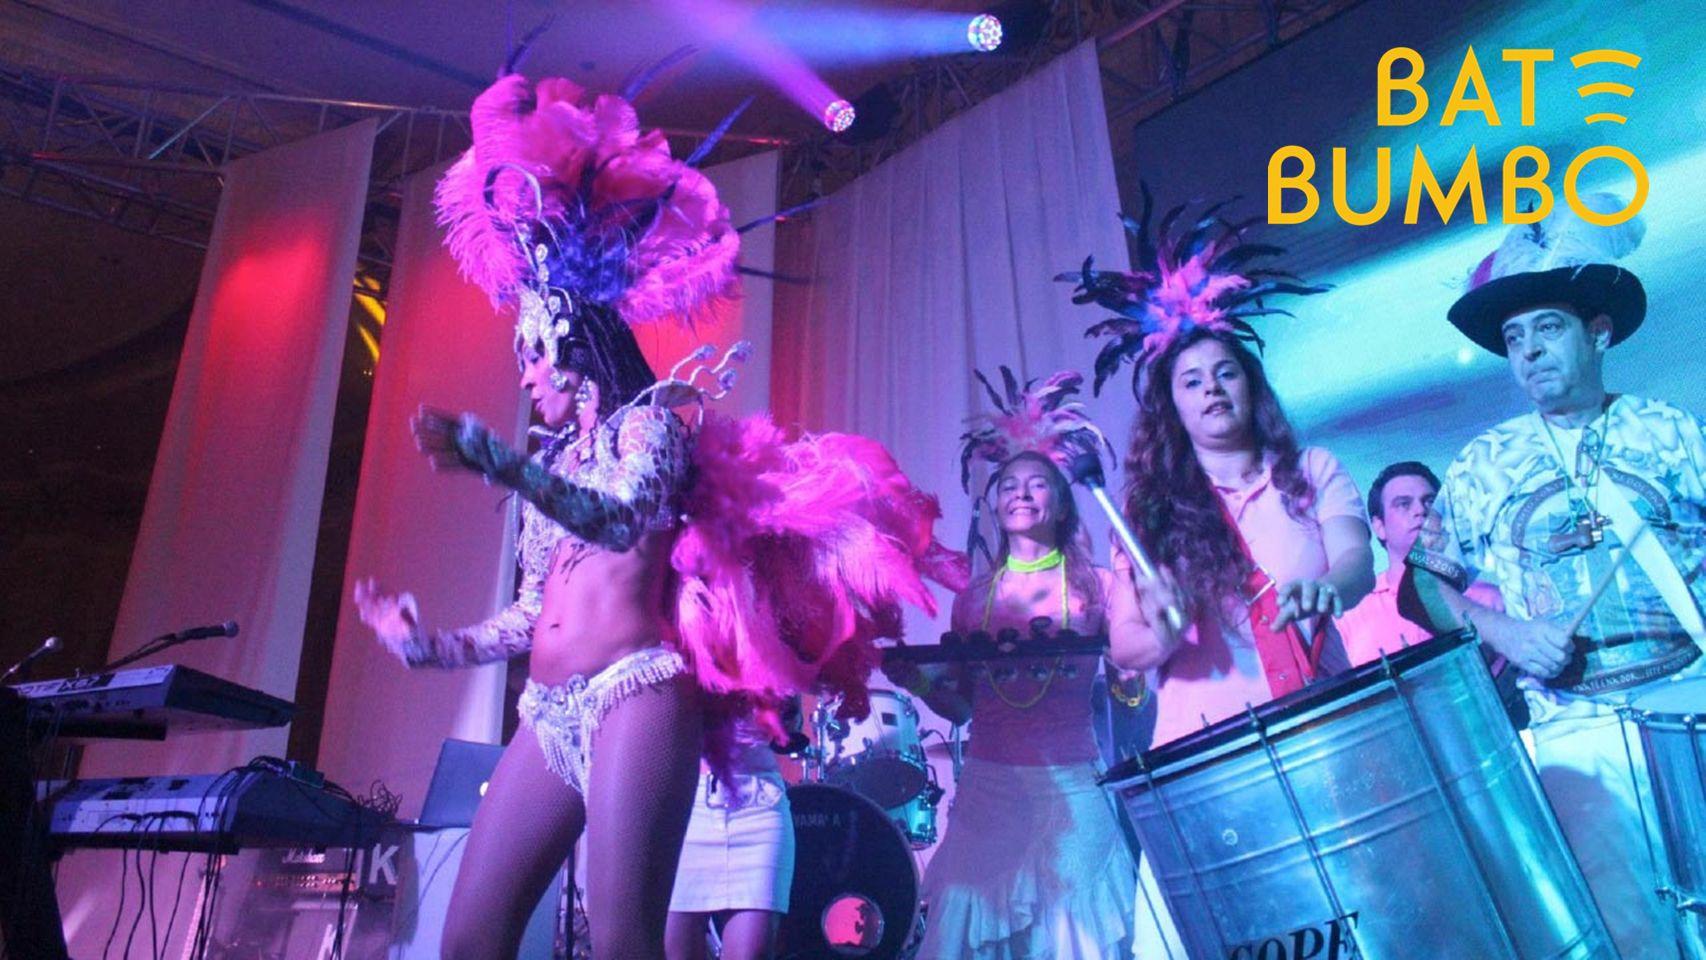 Bulundugu etkinliklerde farklı ve yenilikçi repertuarlar geliştiren grubumuz, çeşitli performanslarını konuk perküsyoncular, nefesli çalgılar ve Samba dansçıları ile birlikte gerçekleştirerek, katılımcılara karnaval tadında bir müzikal ziyafet fırsatı sunmaktadır...